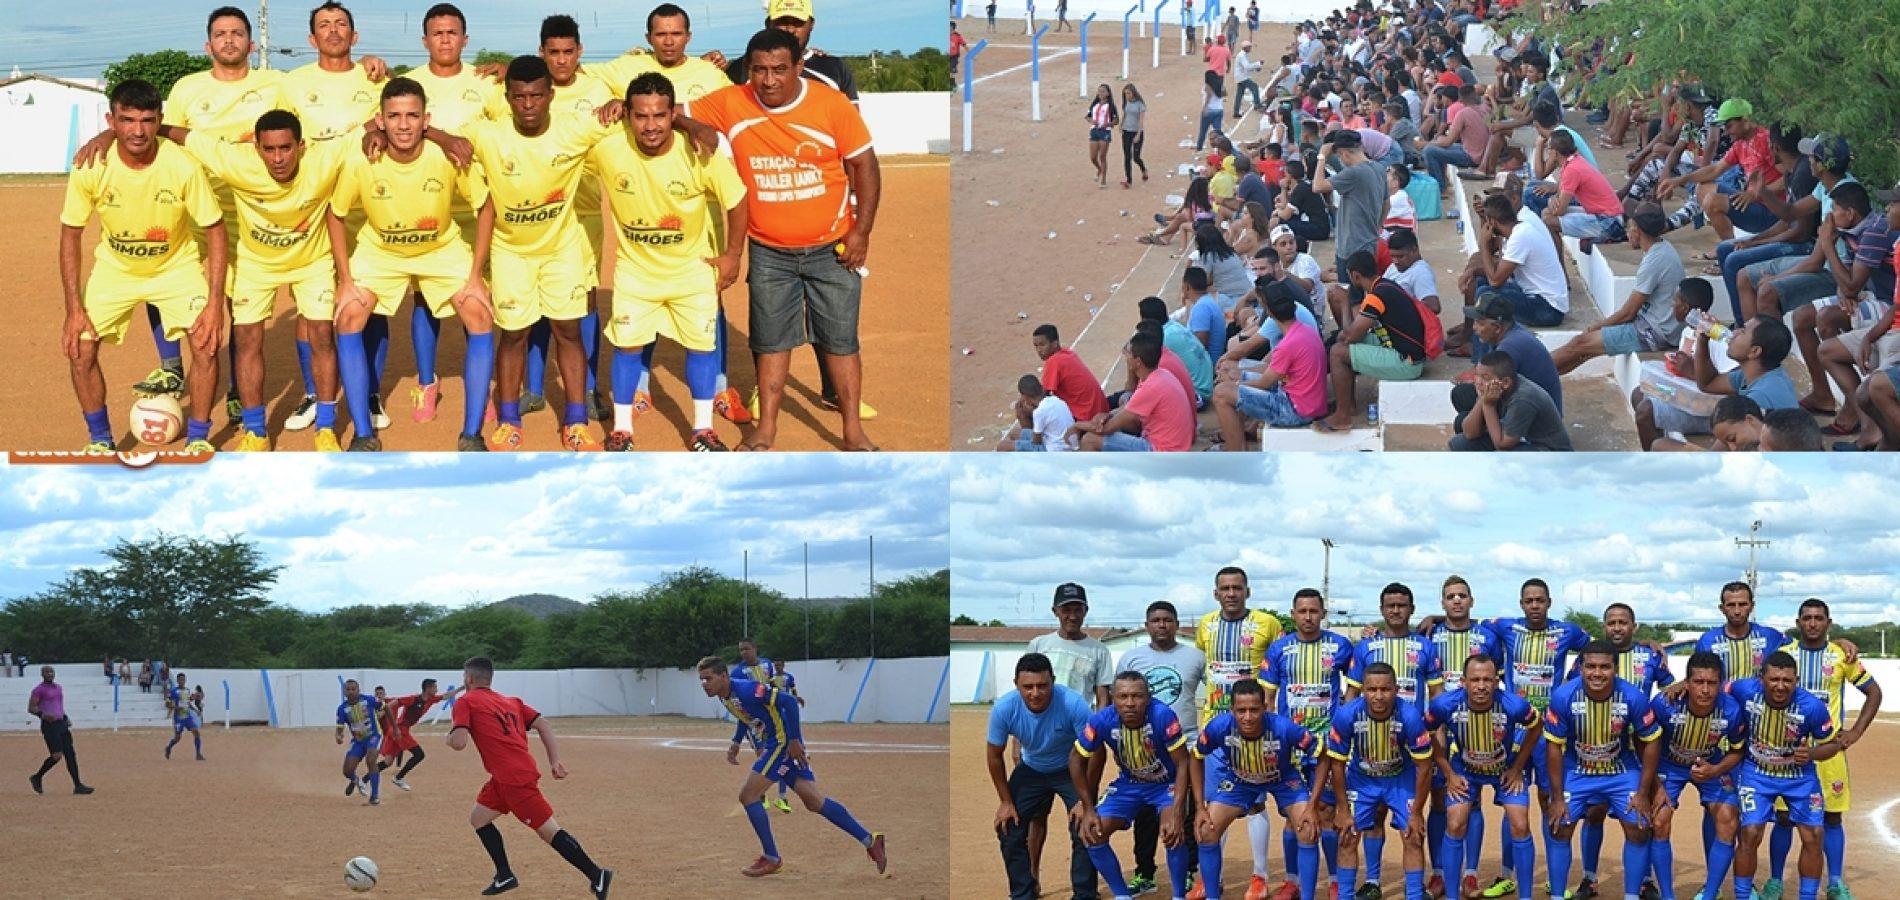 Municipal de Futebol Amador chega a 4ª rodada em Simões; veja os resultados